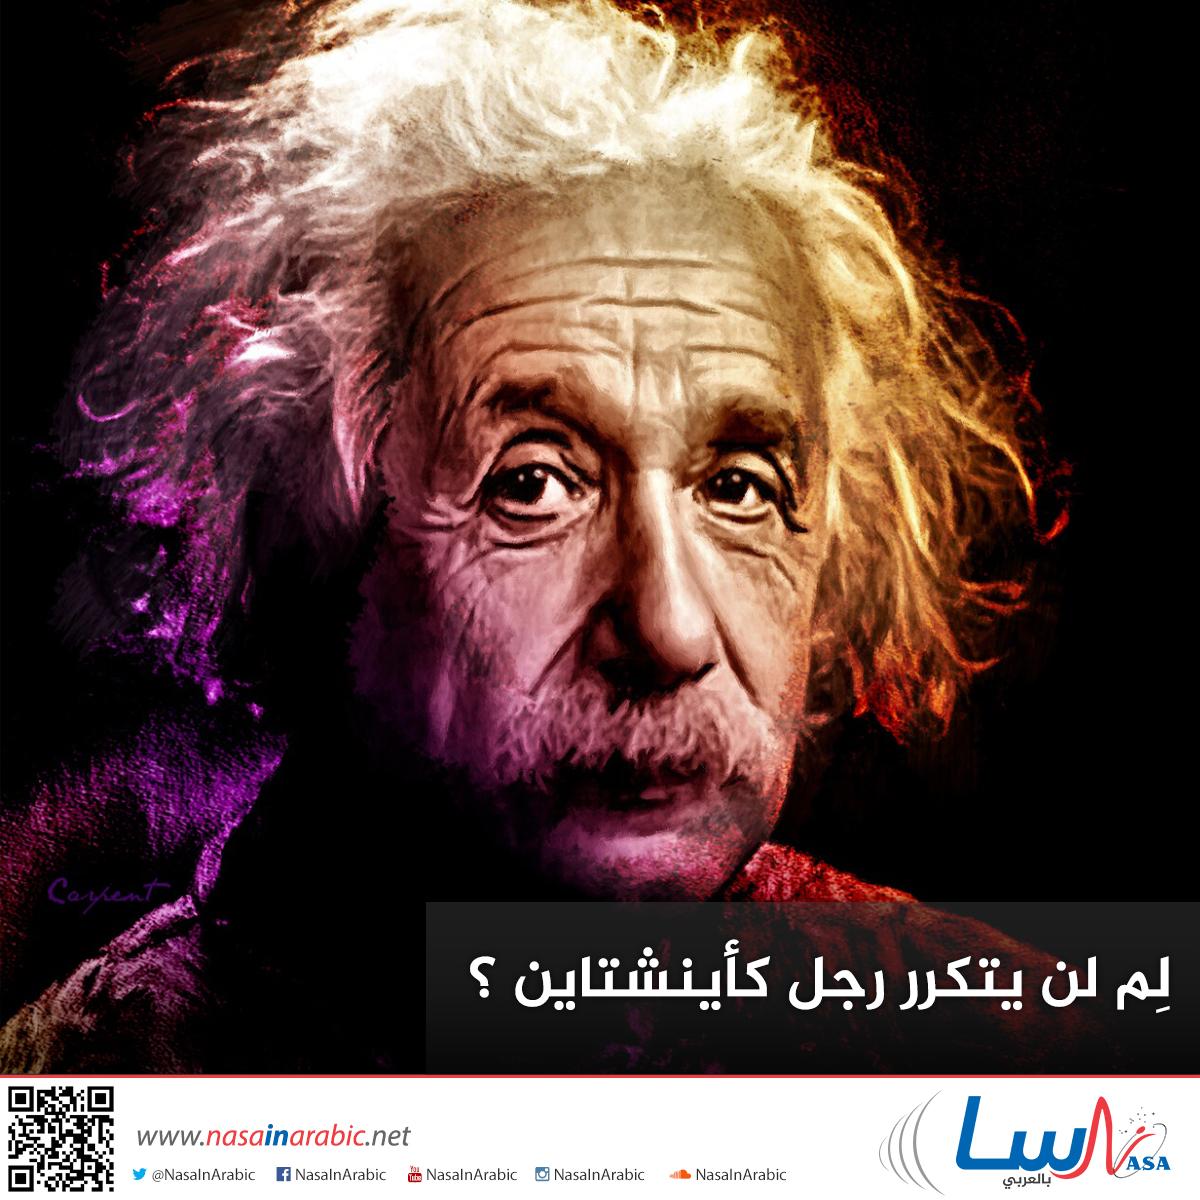 لِم لن يتكرر رجل كأينشتاين؟